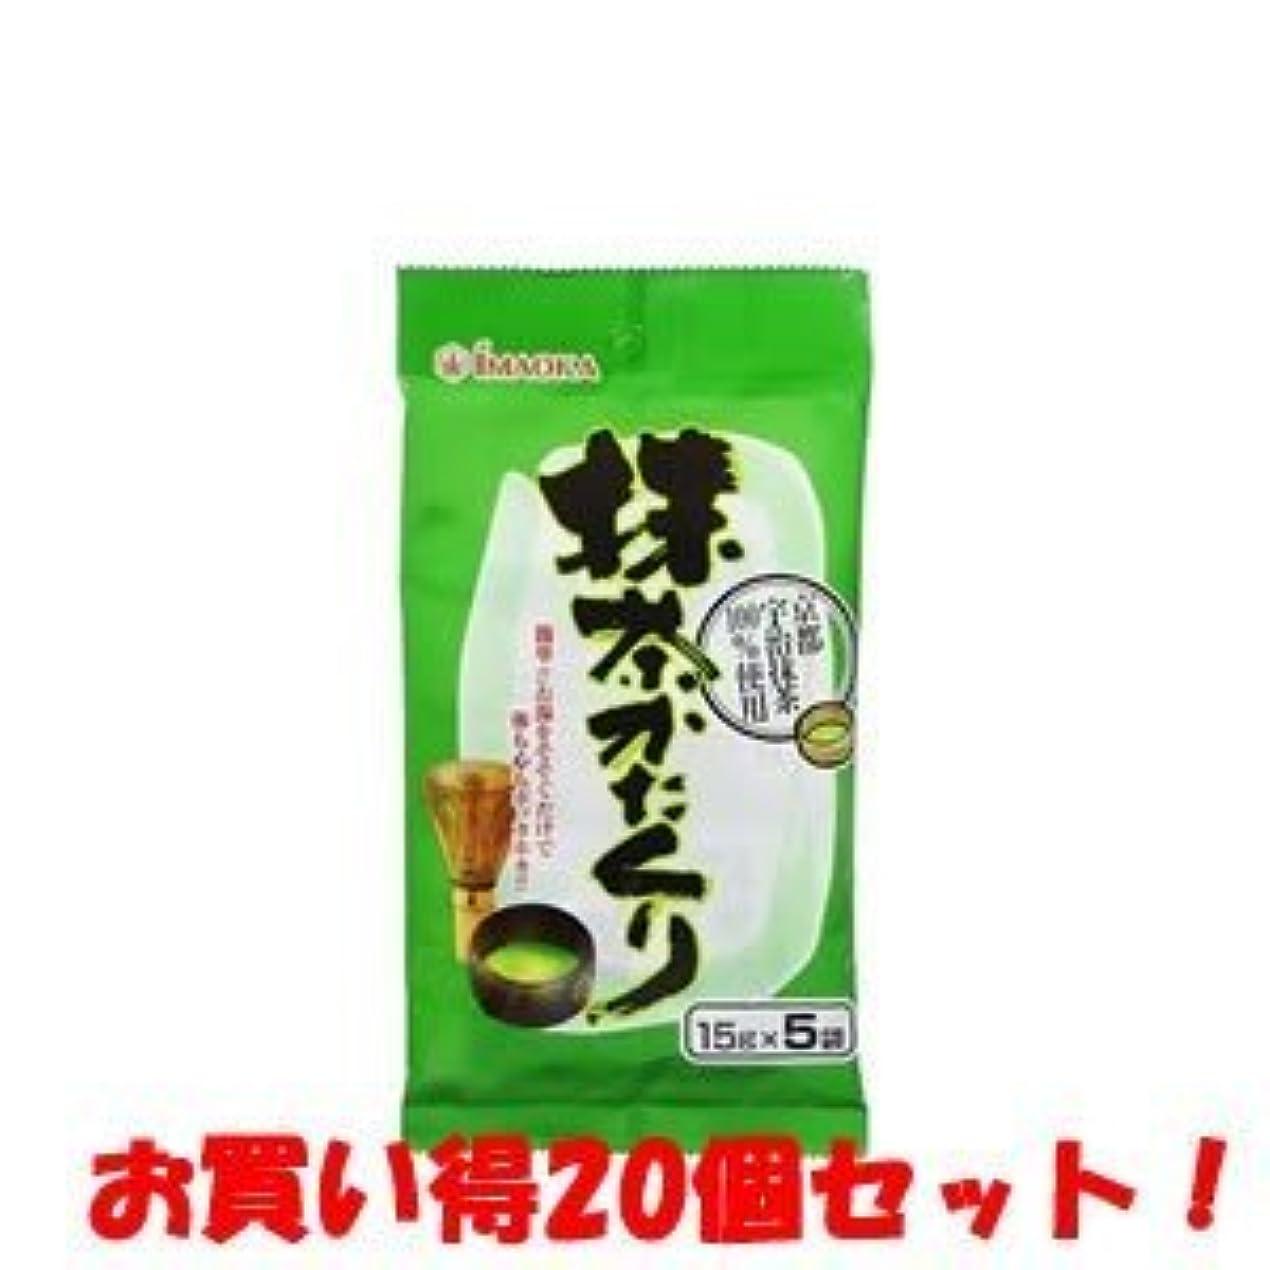 人類ネブヤング(今岡製菓)抹茶かたくり 15g×5袋(お買い得20個セット)